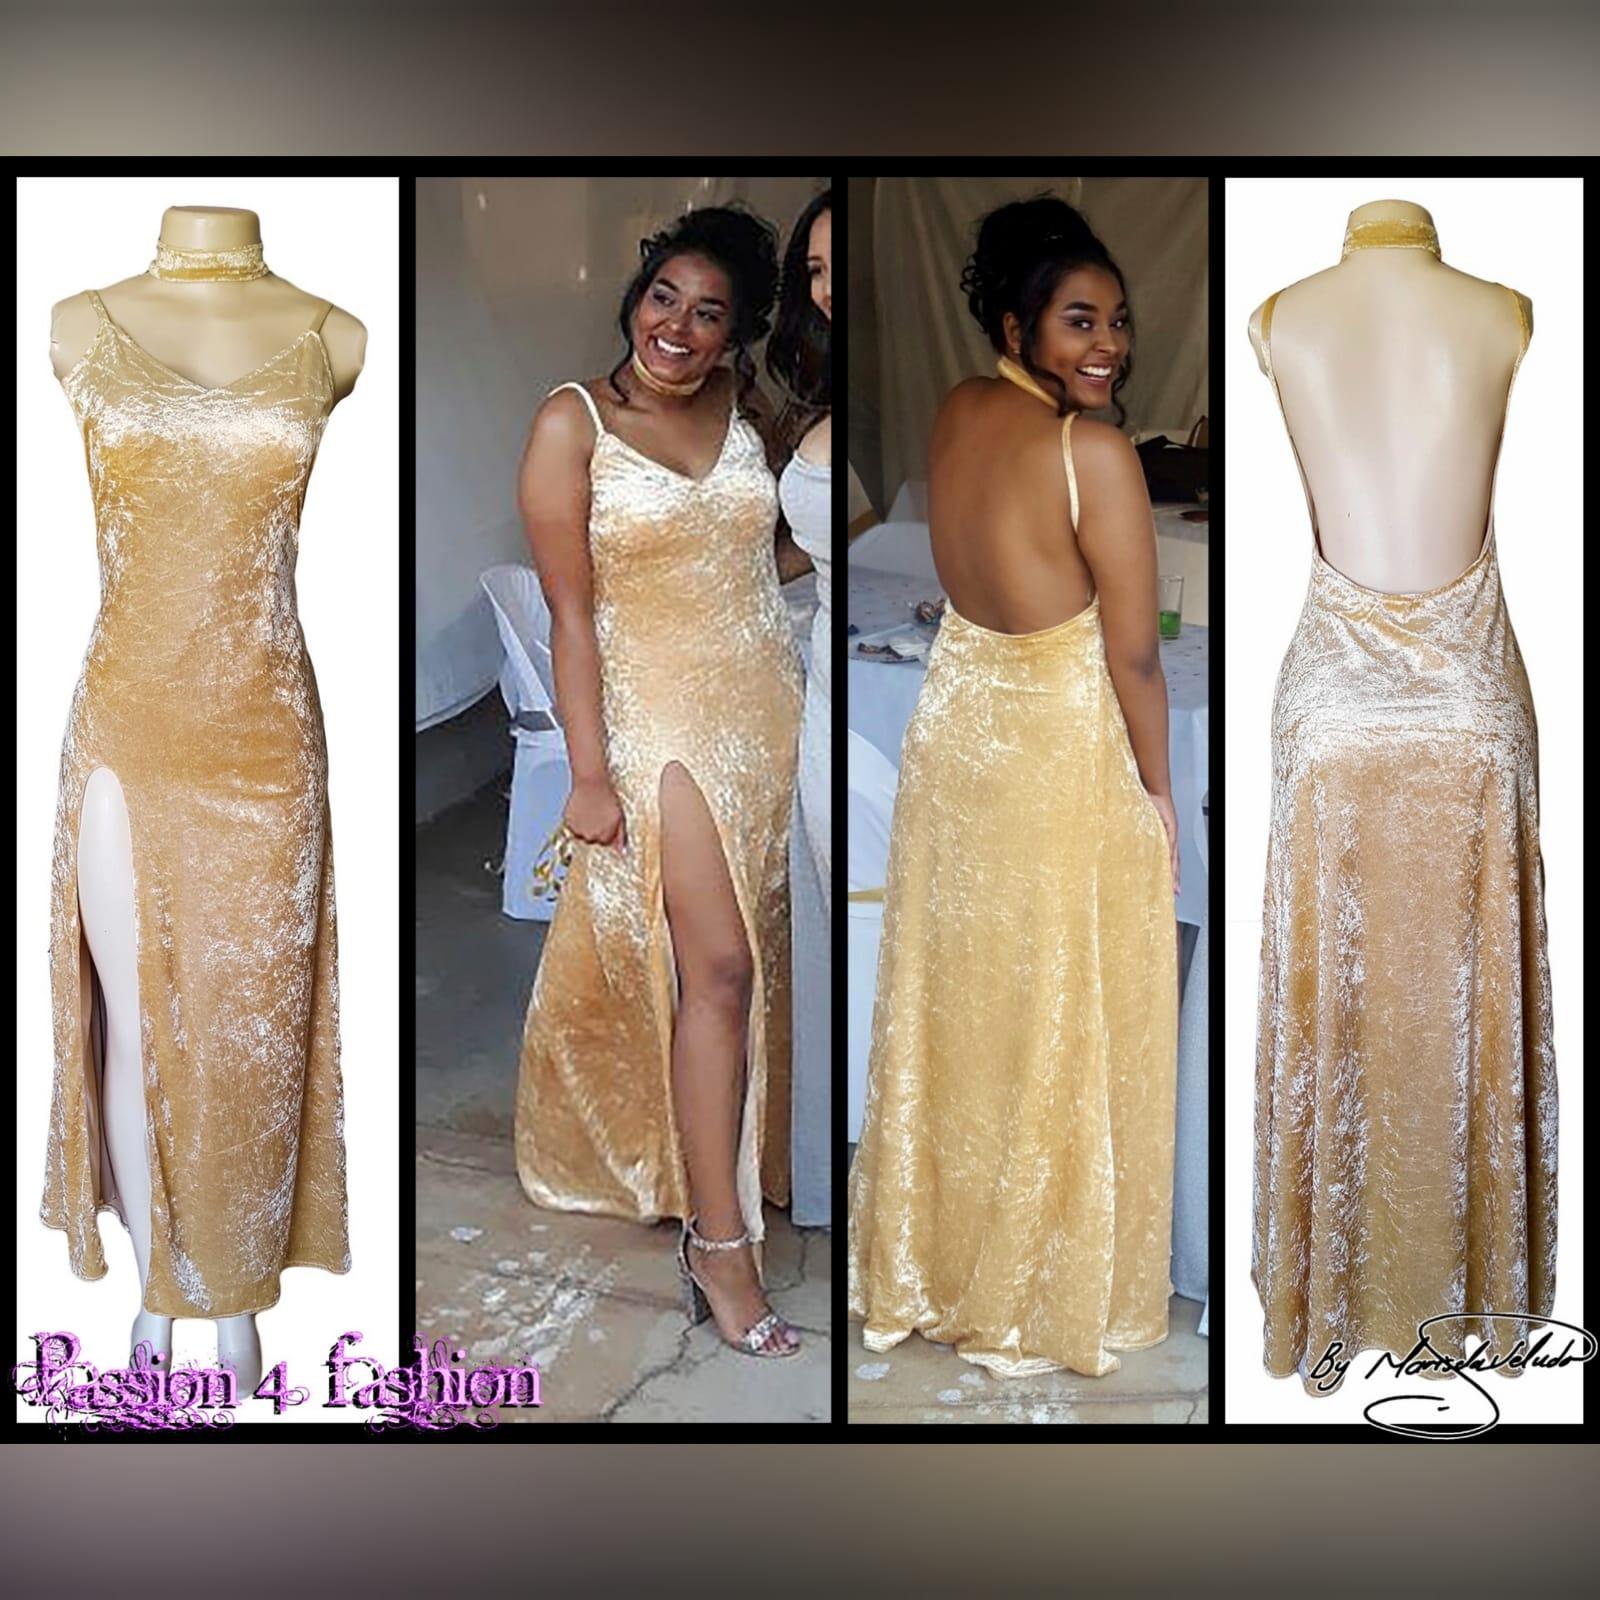 Vestido cerimonia champagne de veludo 3 vestido cerimonia champagne de veludo com decote v, costas abertas arredondadas com uma racha e gargantilha correspondente.